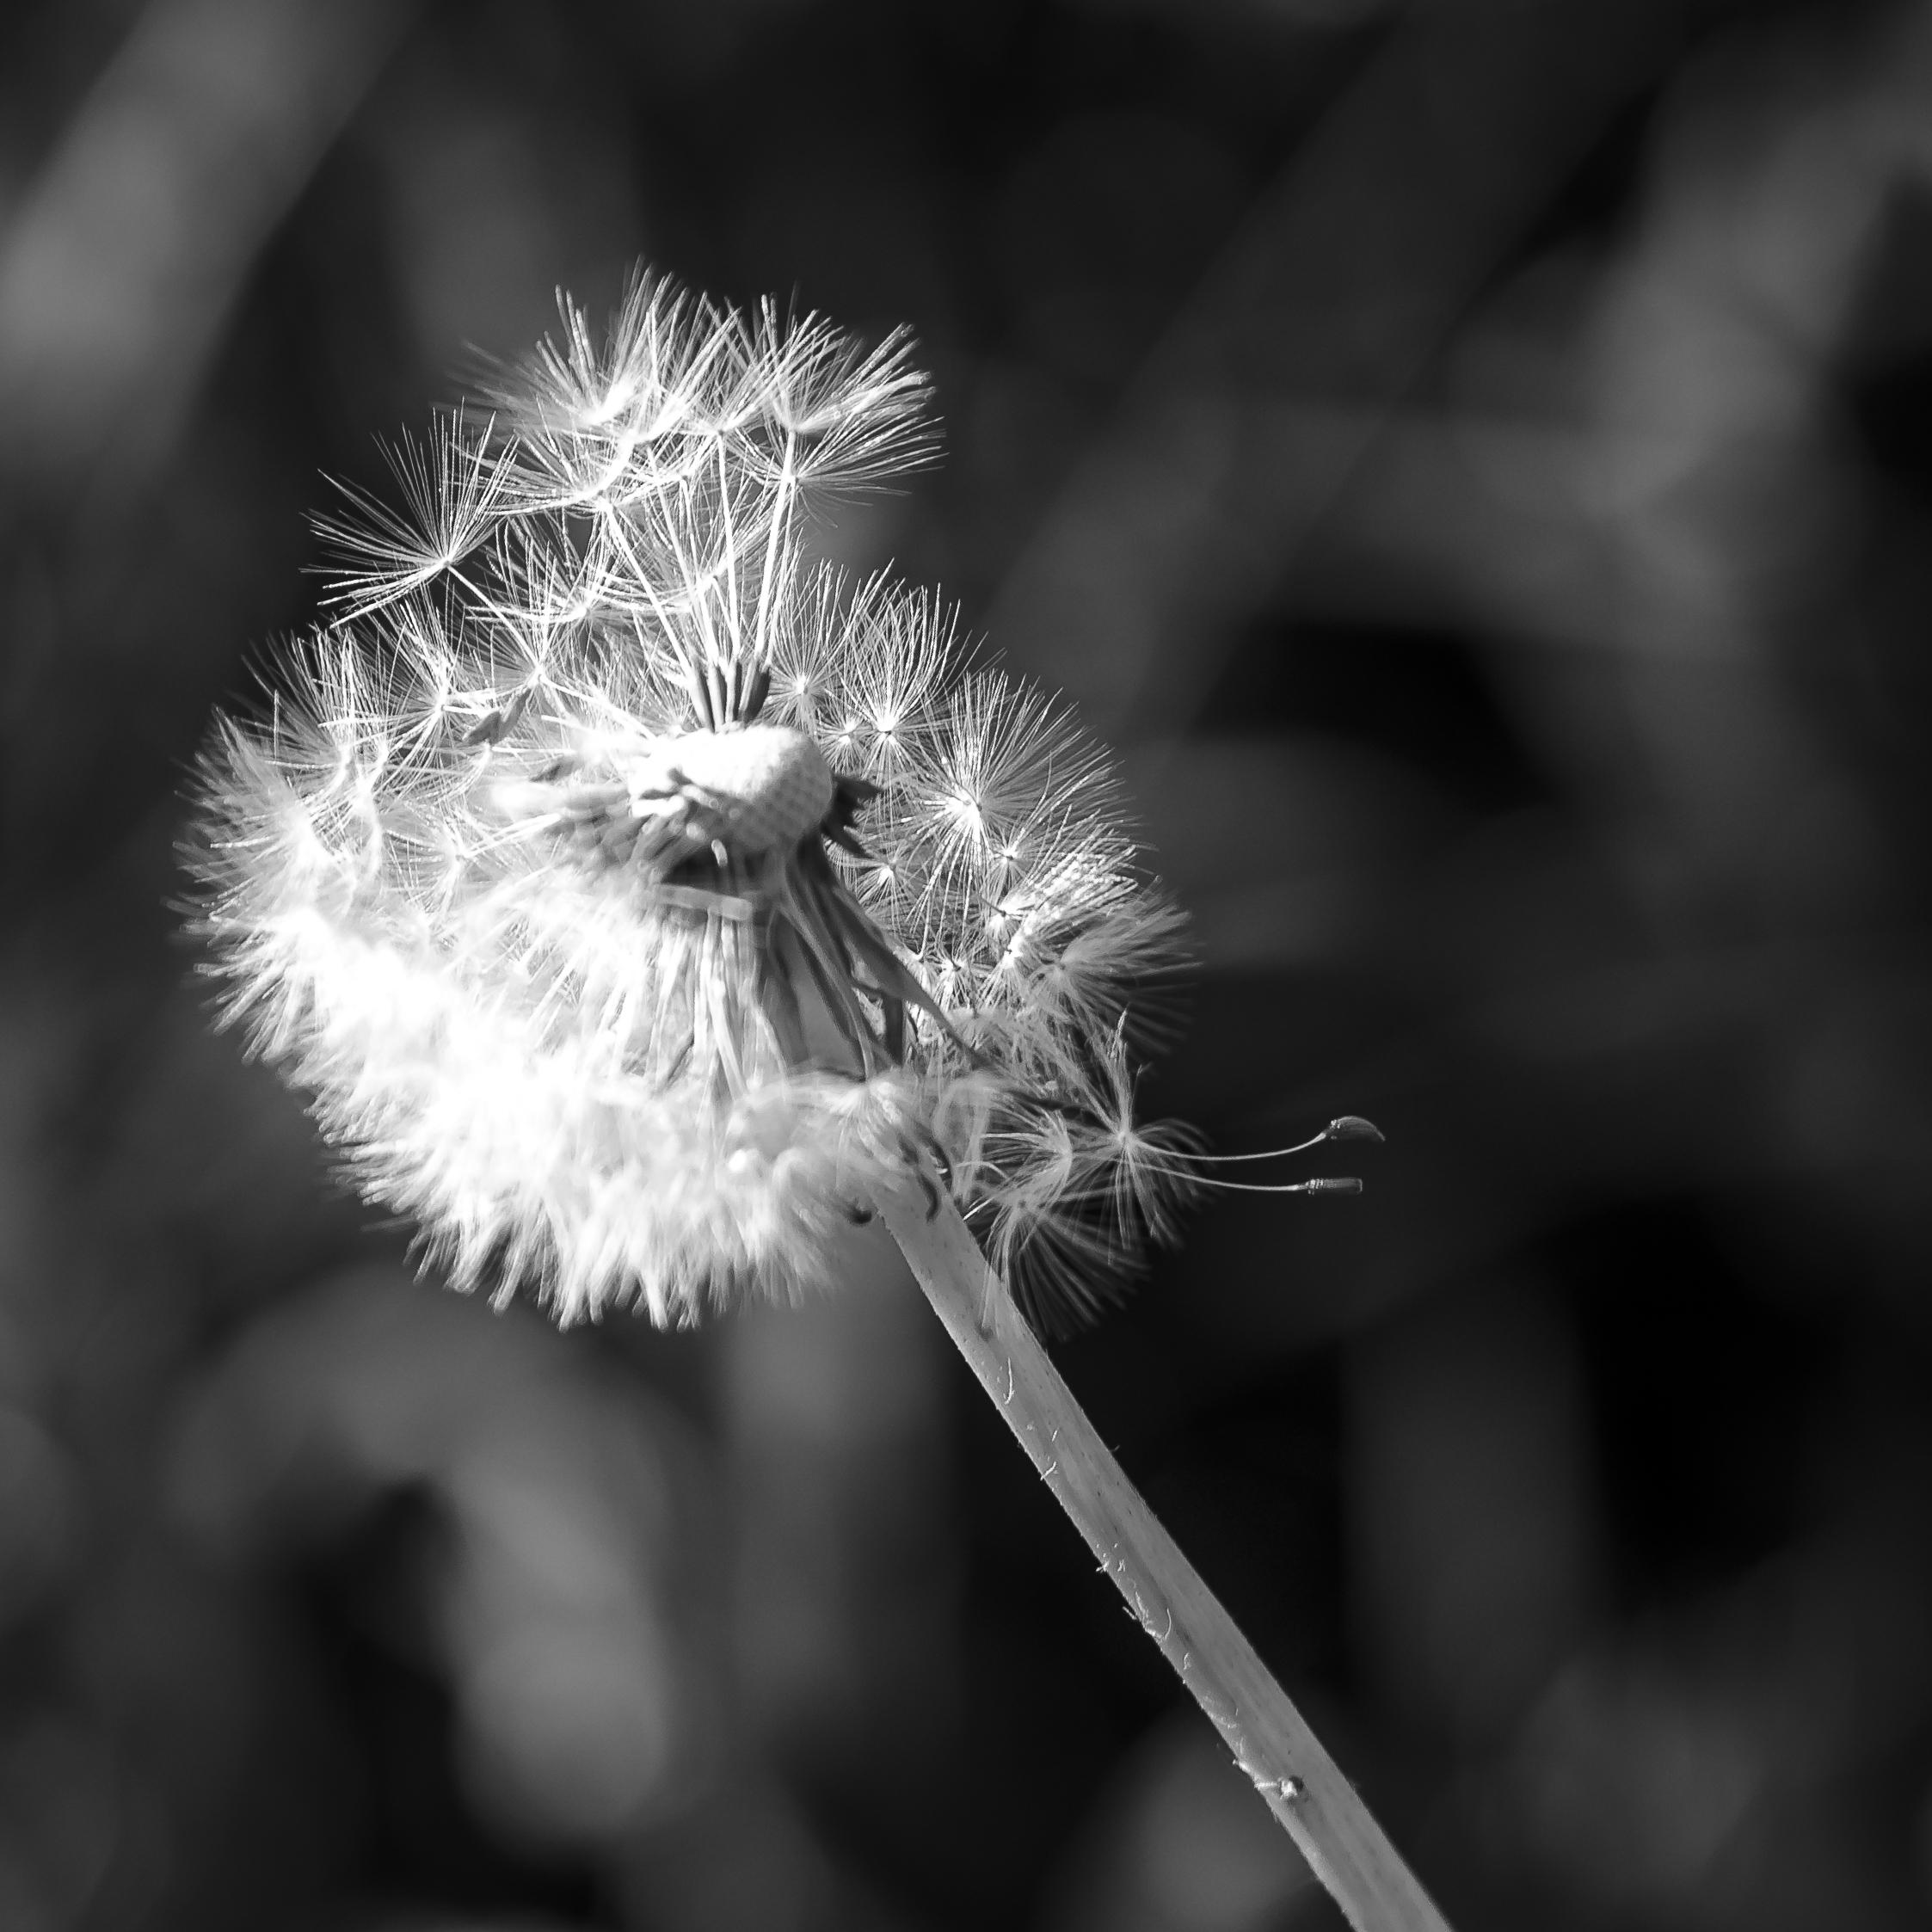 Sich auflösende Pusteblume in schwarz-weiß